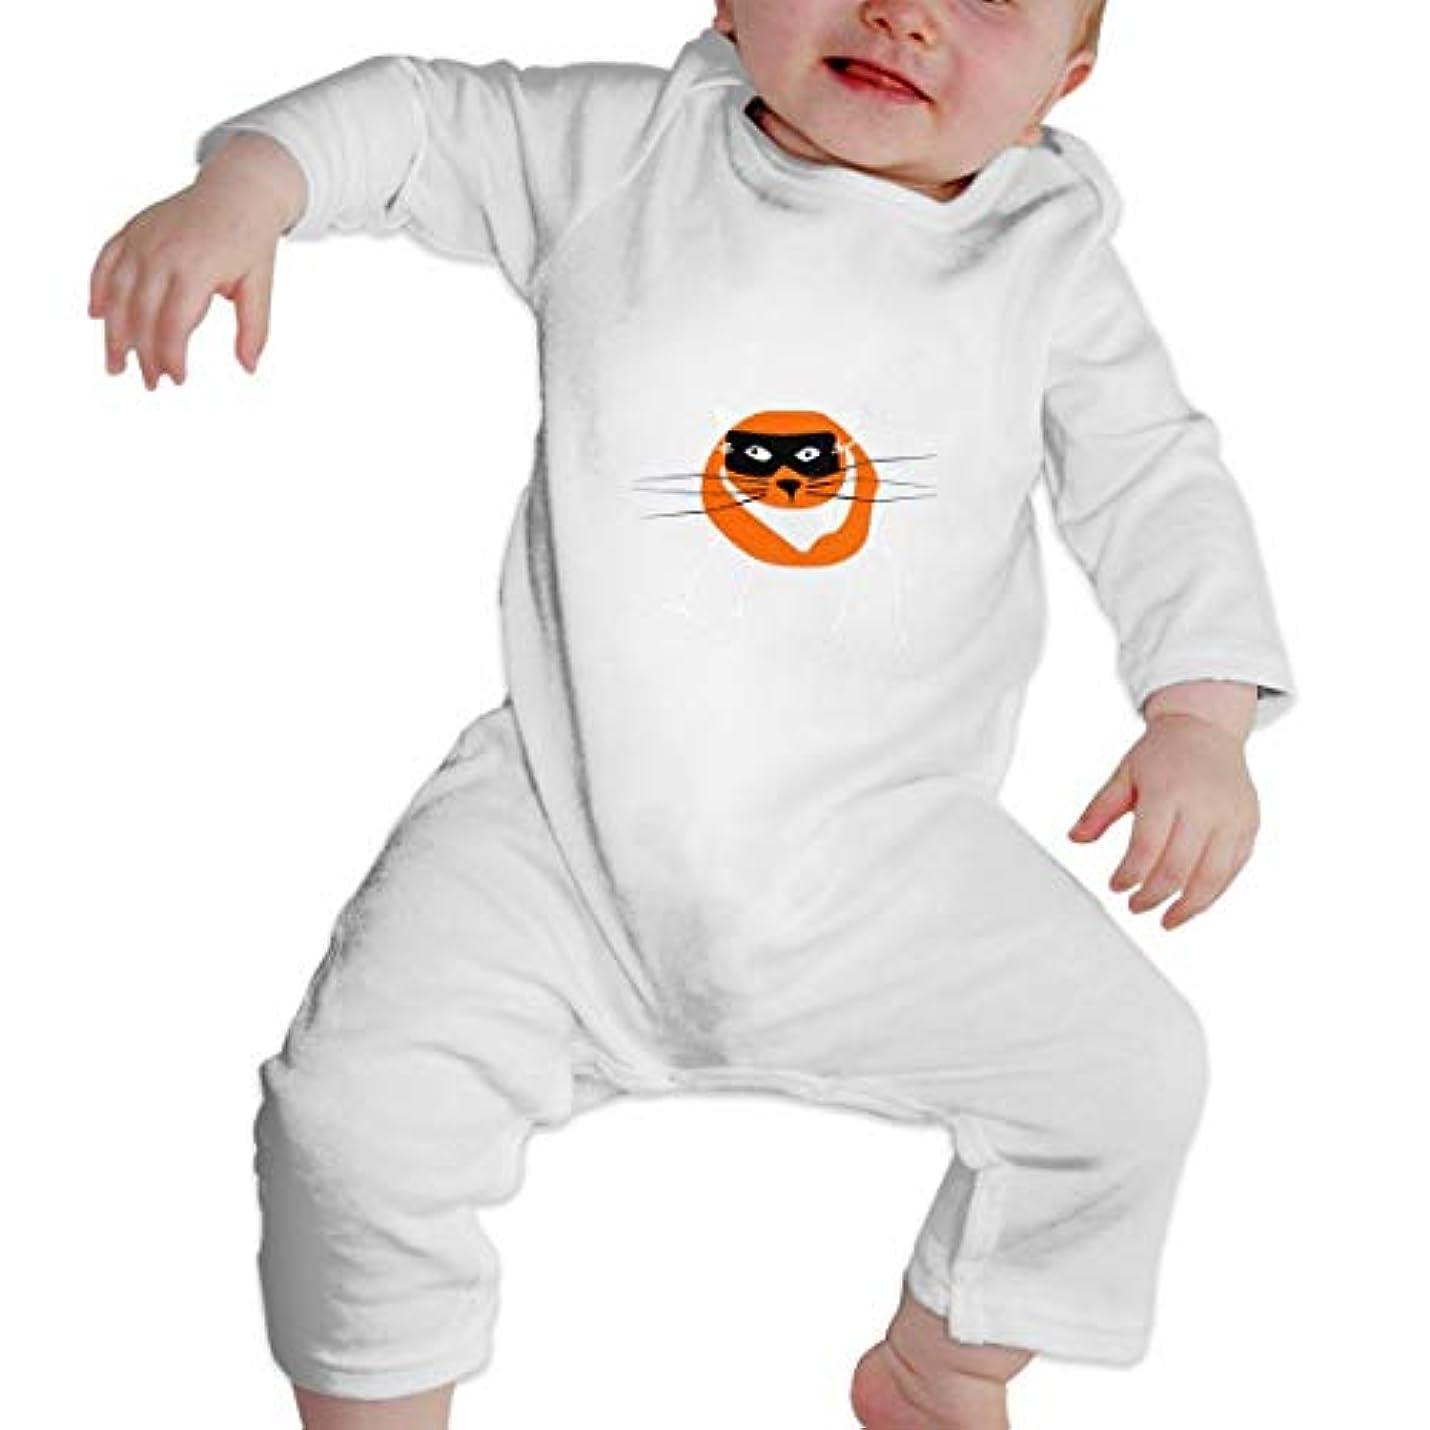 基本的な発火するグリースCatawakiハロウィン2の急襲 女の赤ちゃん女の赤ちゃん長袖ジャンプスーツコットンプリントラウンドネックソフト通気性ジャンプスーツ底入れ